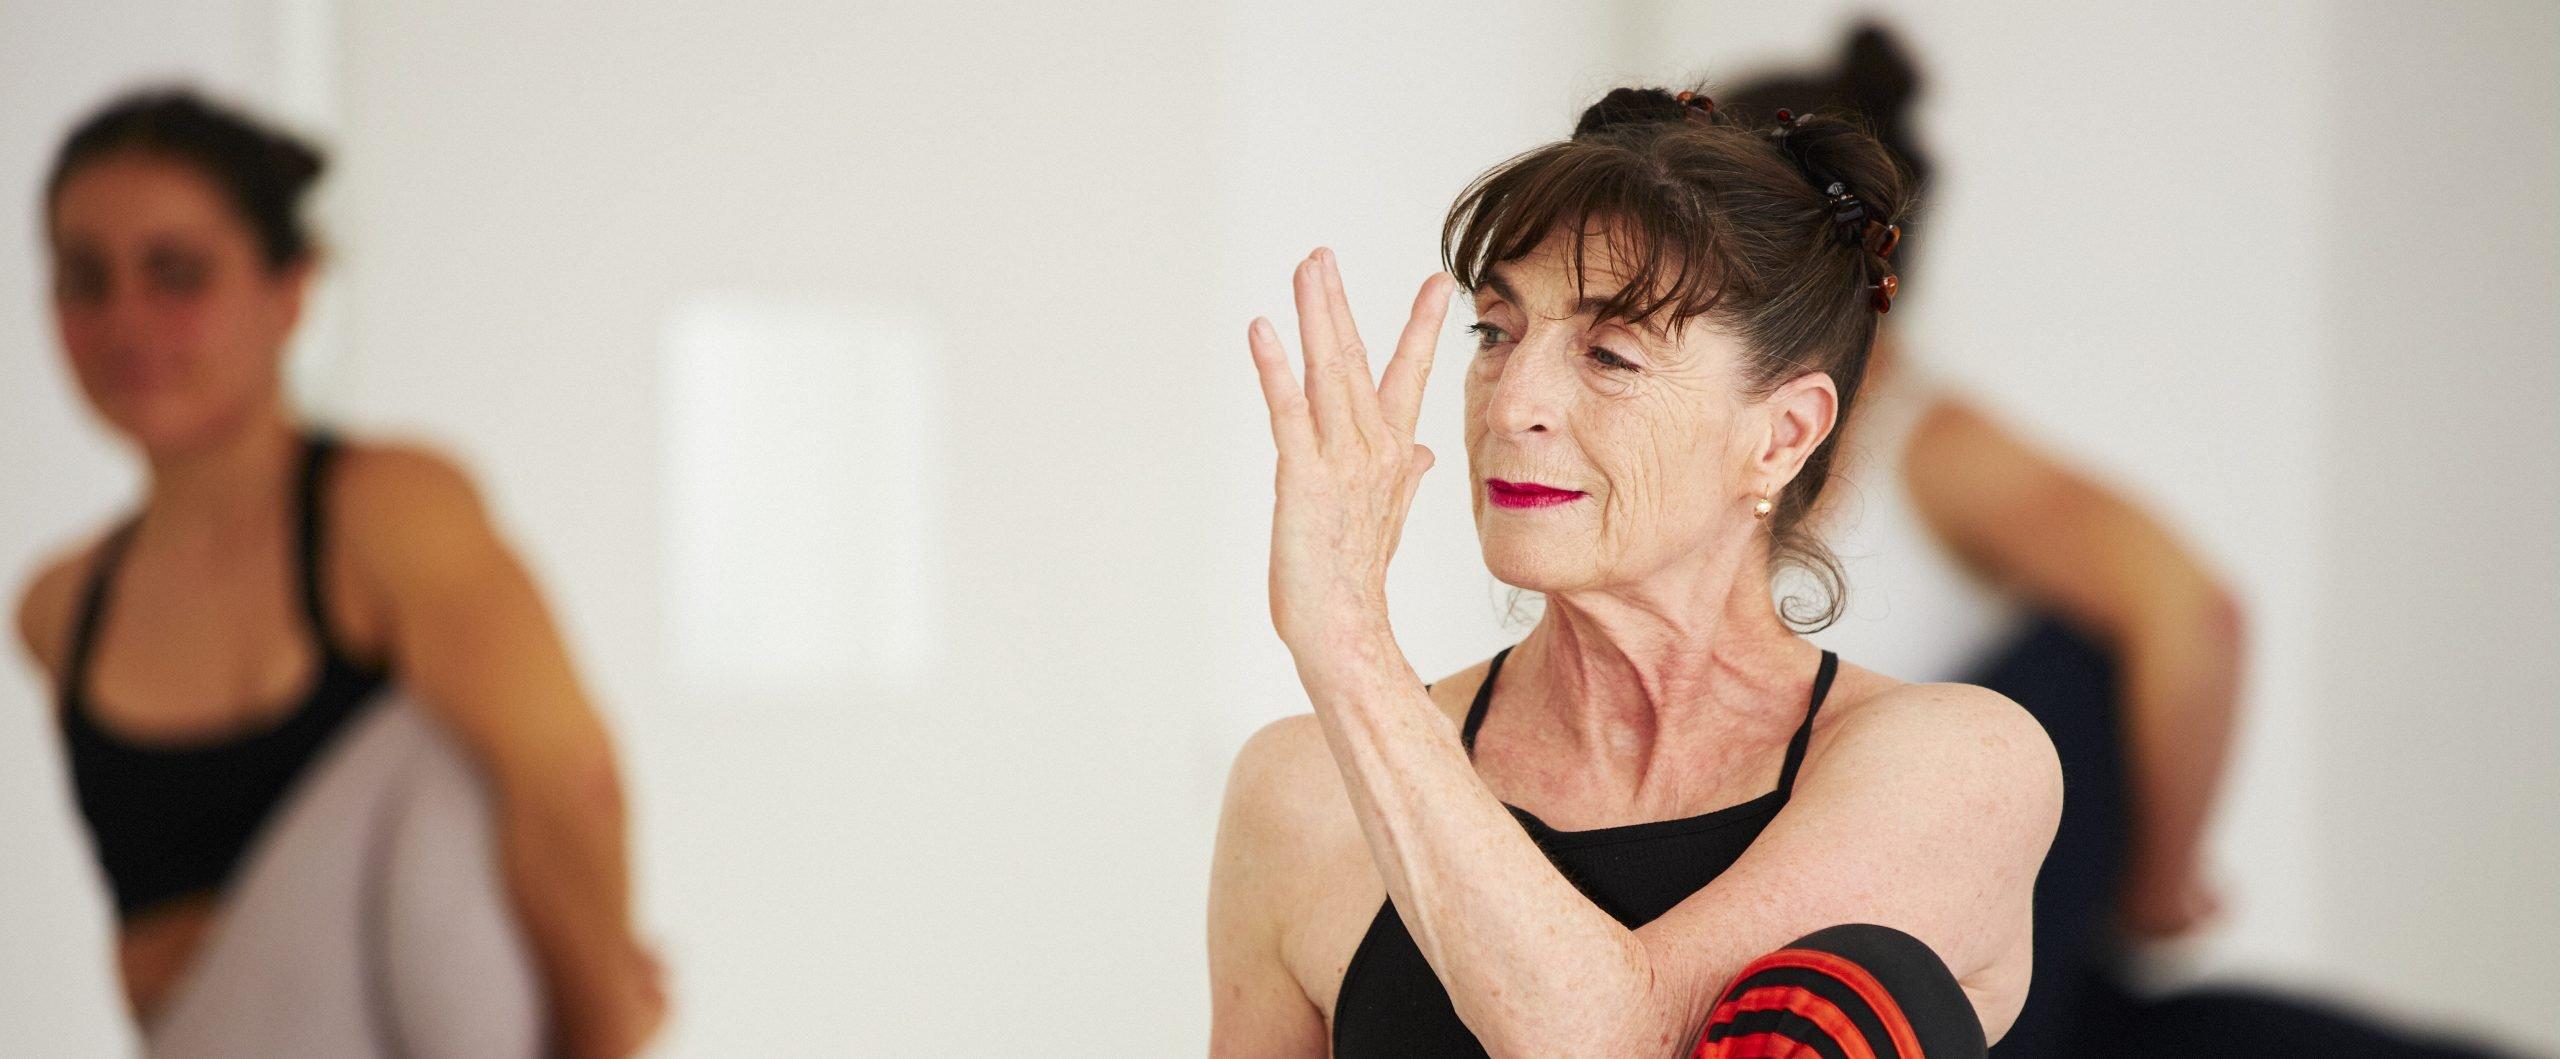 Barbara Duijfjes yoga